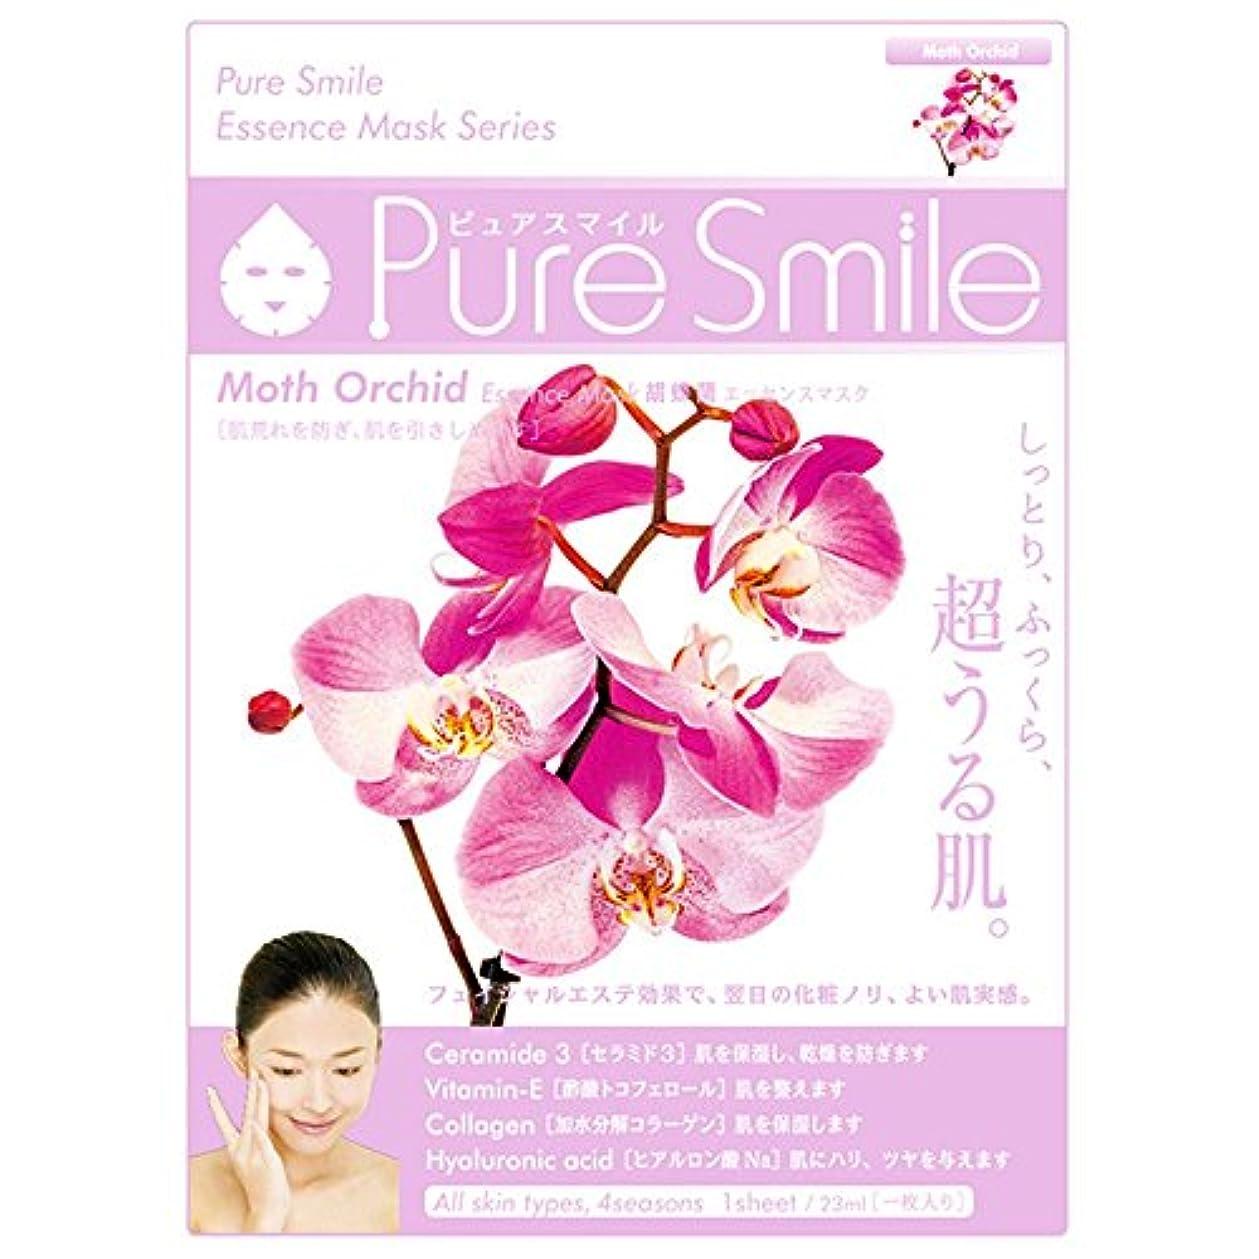 暴力的な裁定暗殺するPure Smile/ピュアスマイル エッセンス/フェイスマスク 『Moth Orchid/胡蝶蘭』